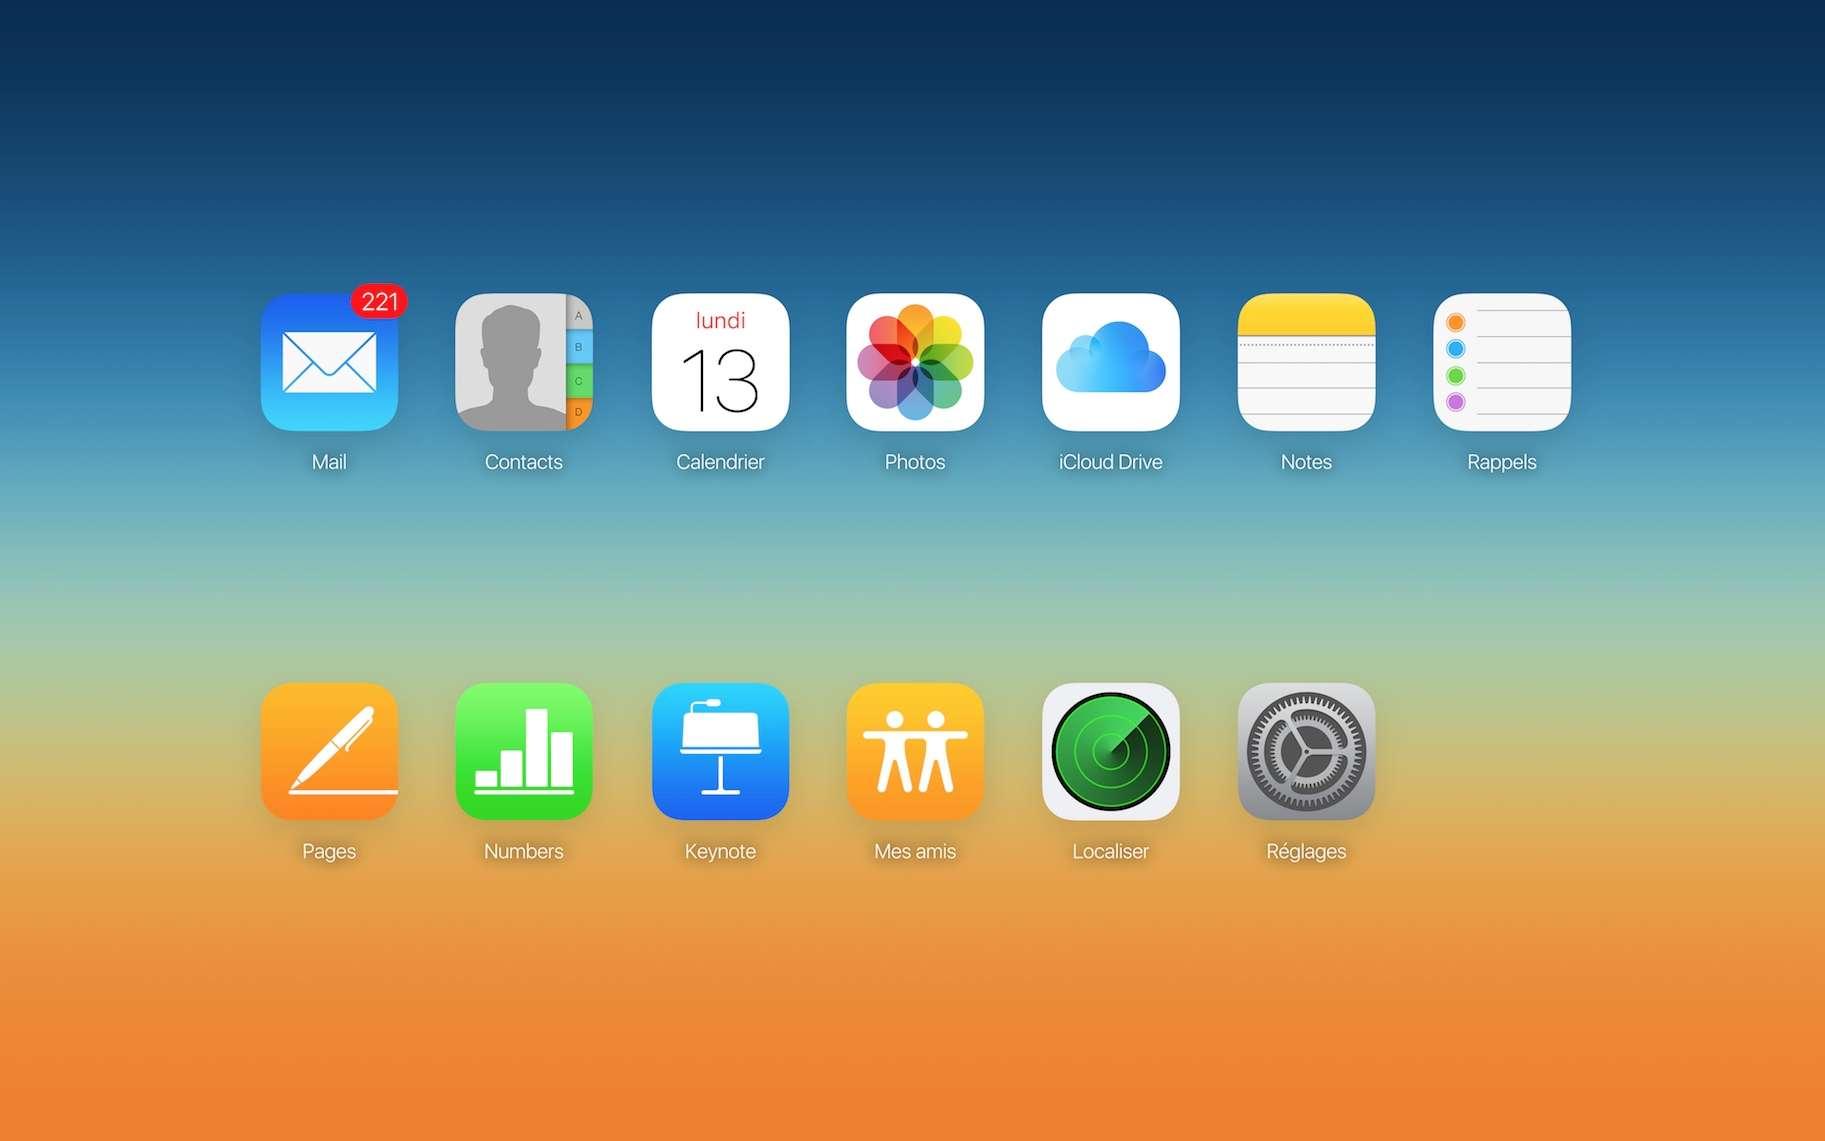 La conservation sur iCloud d'un historique de navigation ayant été supprimé est semble-t-il liée à un défaut de conception du service en ligne et non à une démarche intentionnelle de la part d'Apple. © Apple